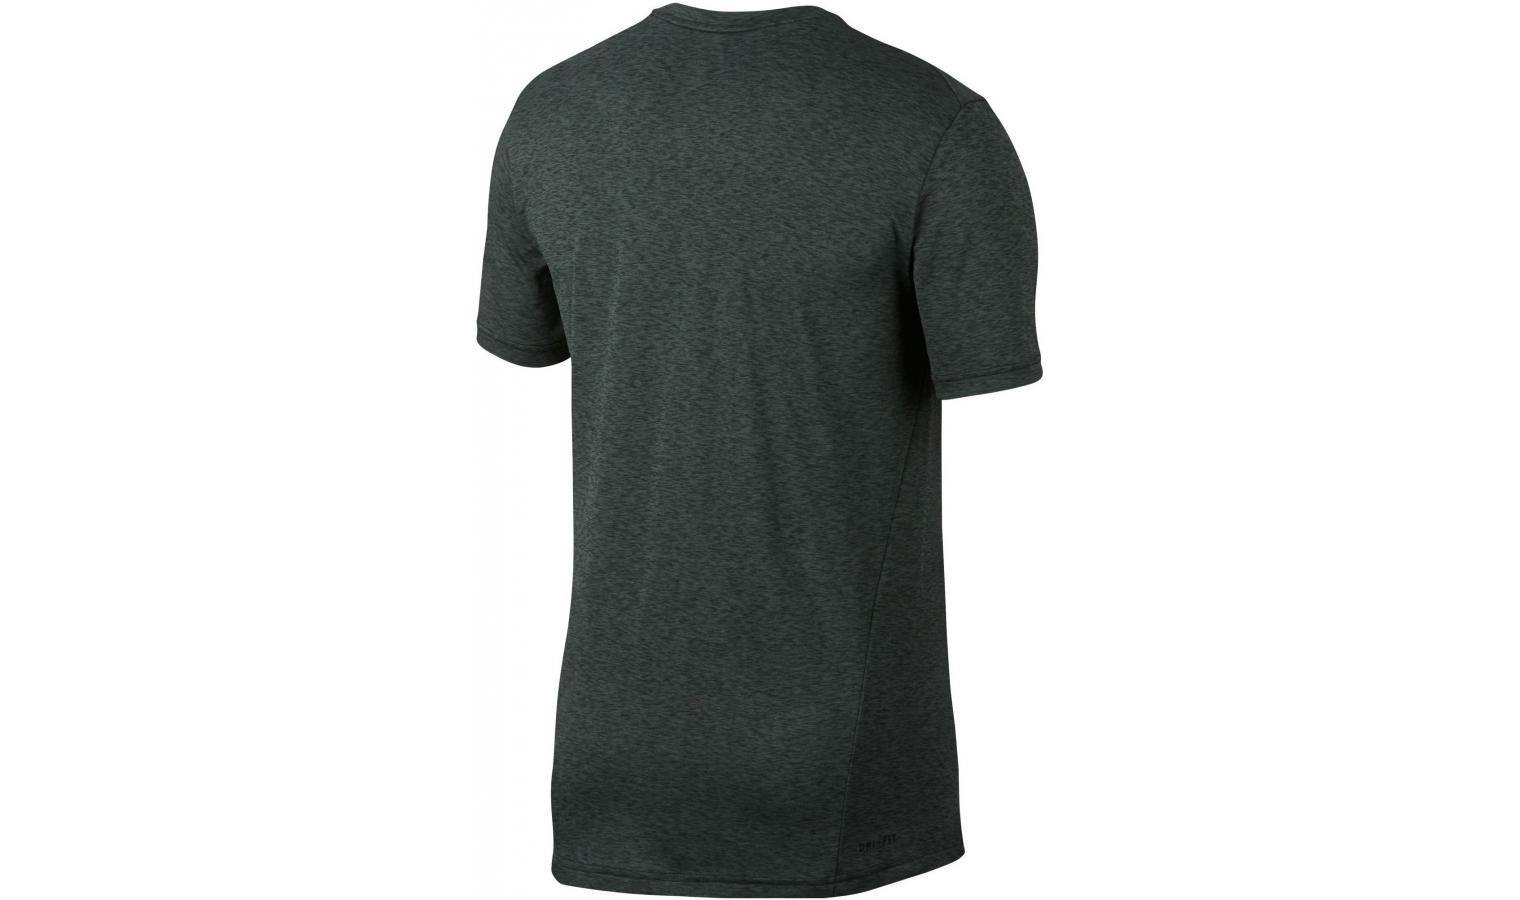 b99ba087319c Pánské funkční tričko Nike M NK BRT TOP SS HPR DRY černé